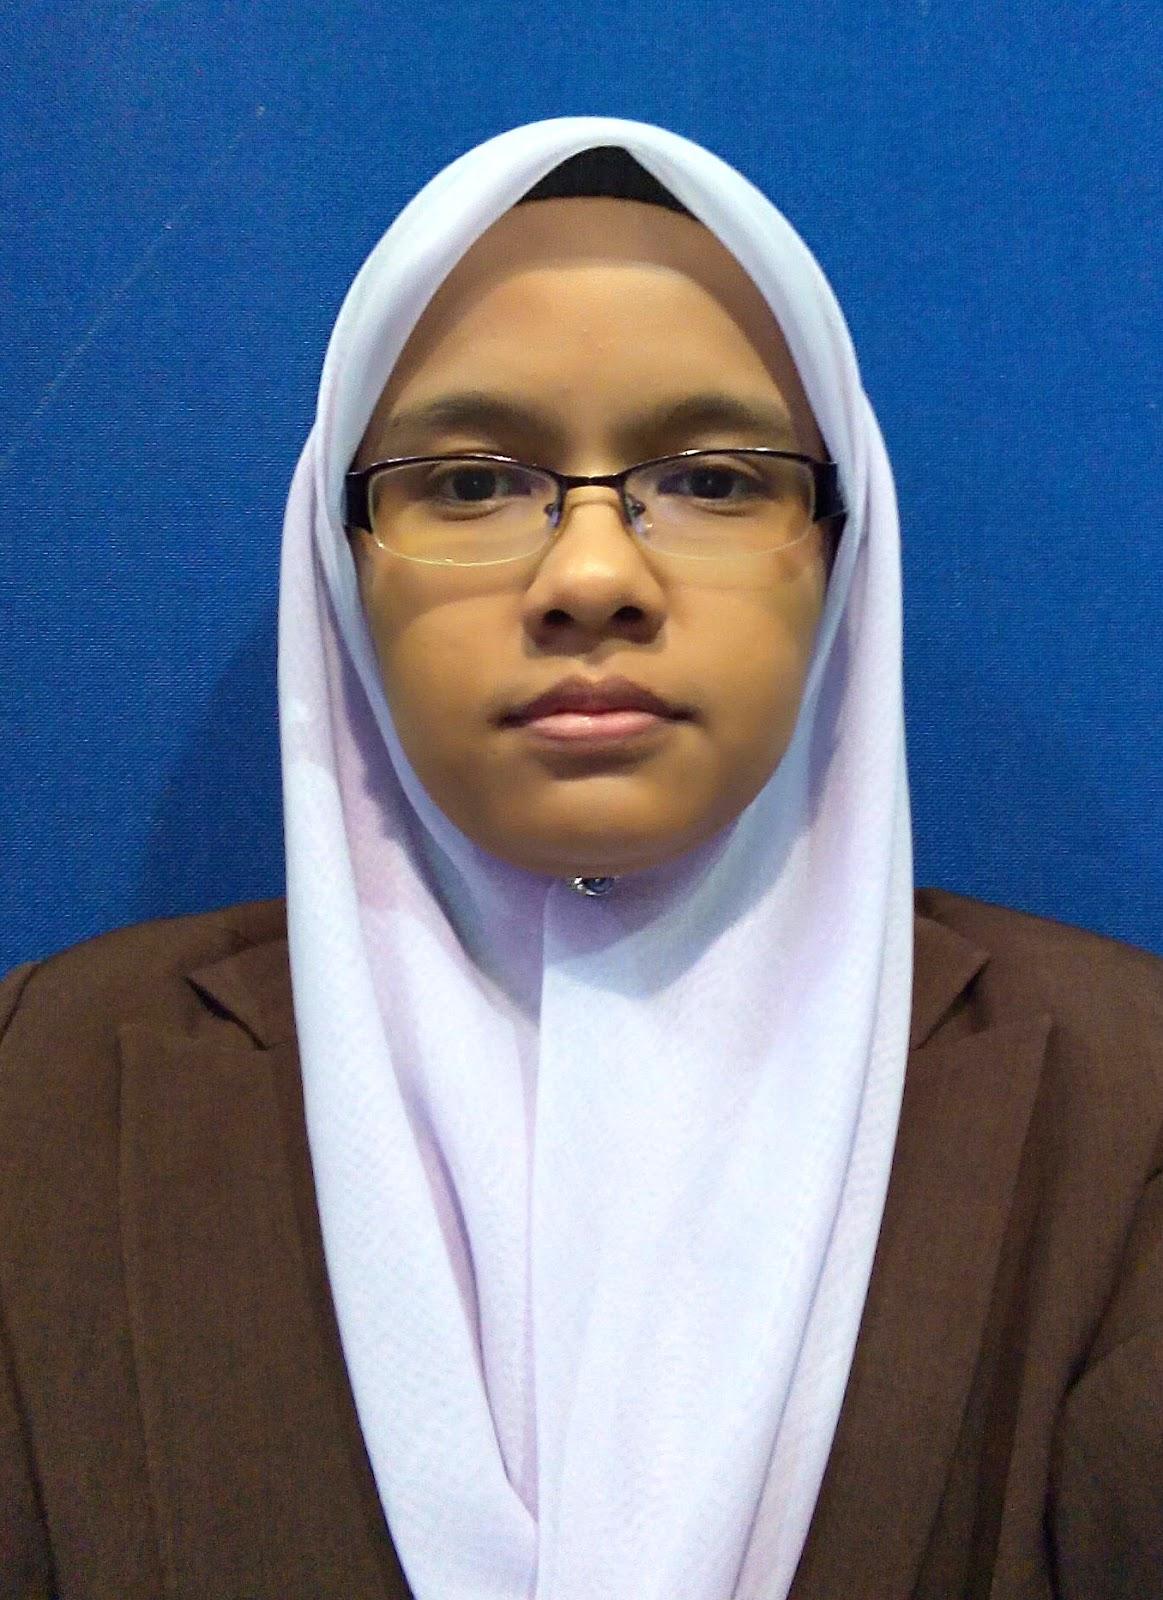 Kami Warga Kraf Negeri Sembilan Mengalu Alukan Kedatangan Puan Norshamsina Binti Abdul Raub Dan Akan Memberikan Kerjasama Penuh Dalam Merialisasikan